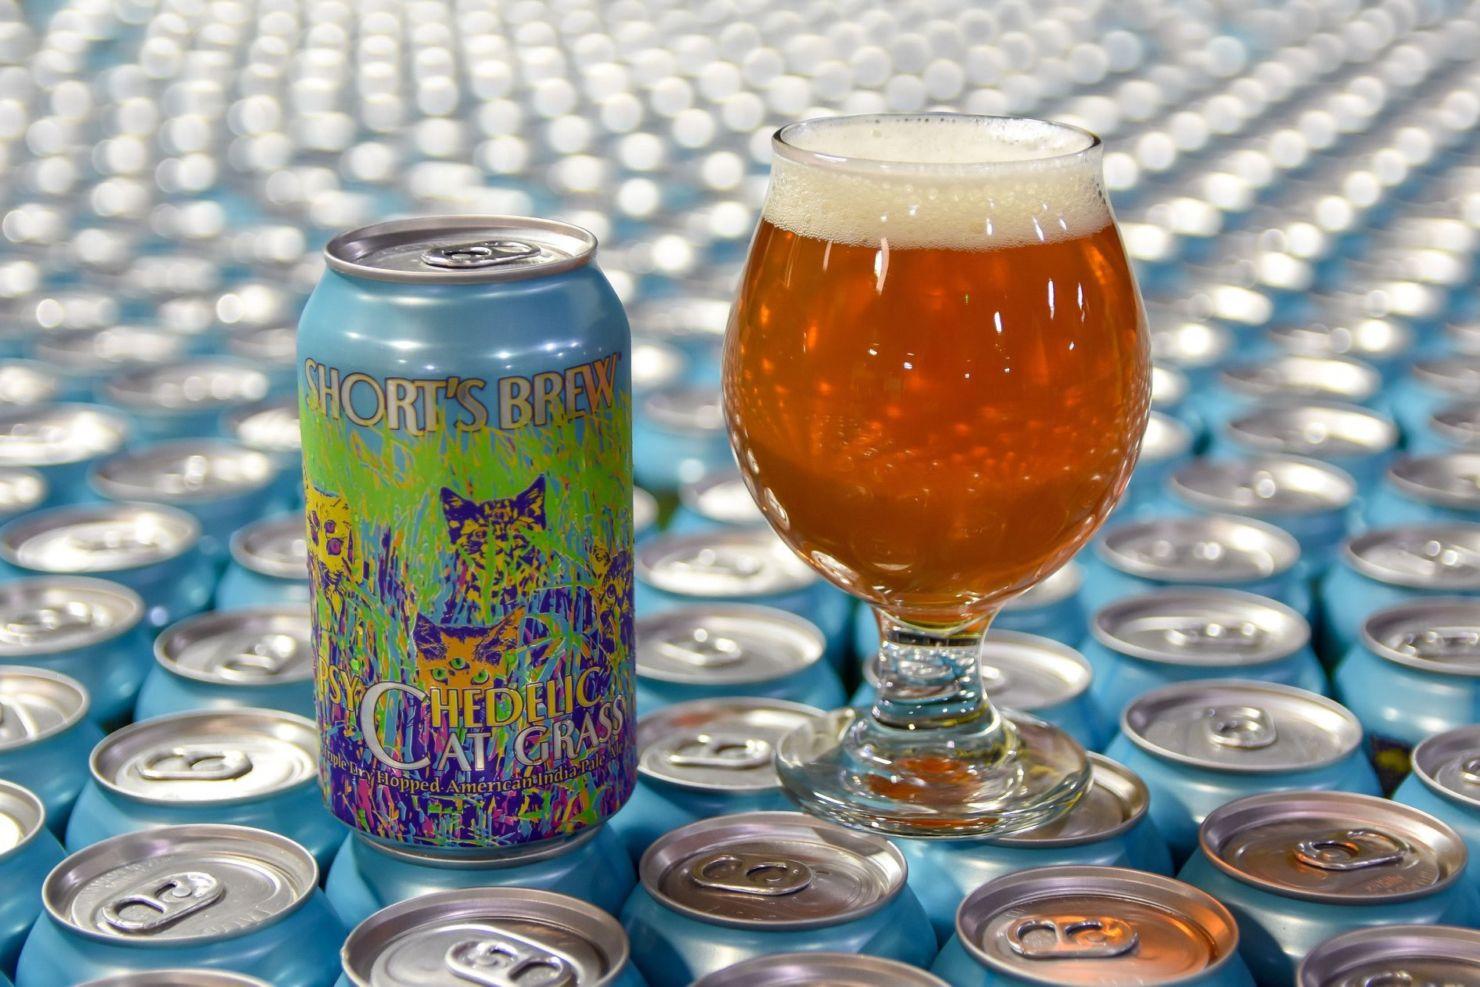 ¿Tomarías una cerveza con alucinógenos?